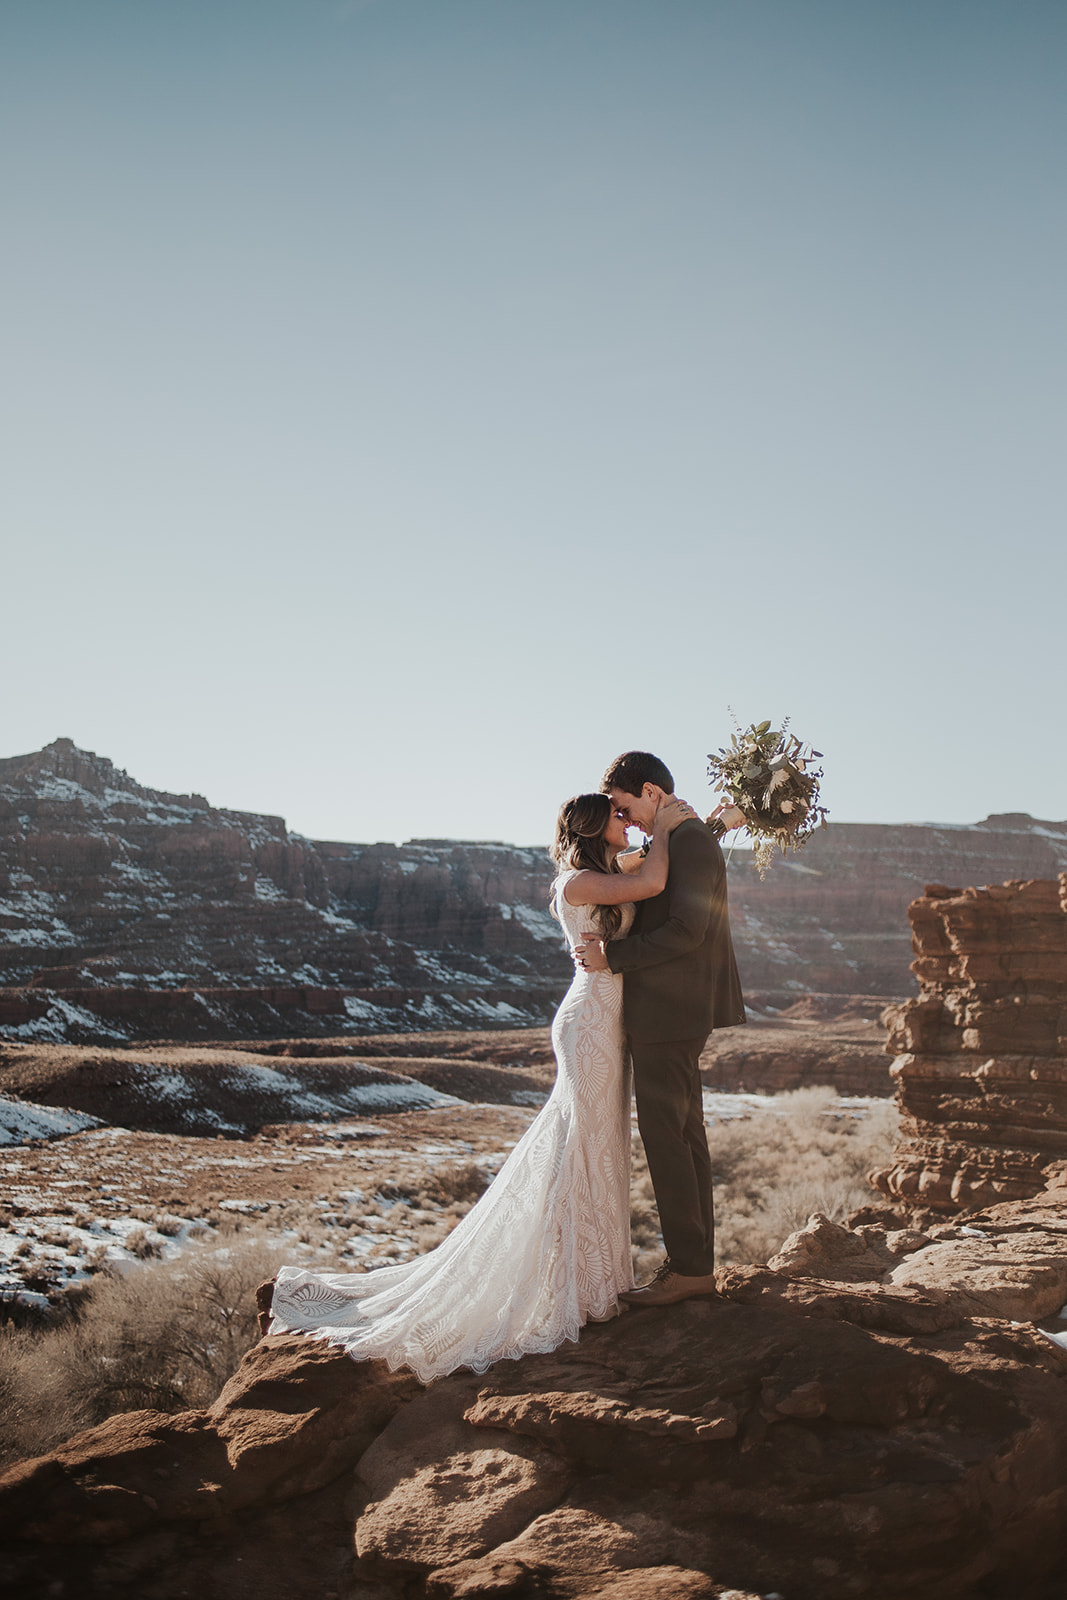 jamie+weston bridals-8.jpg